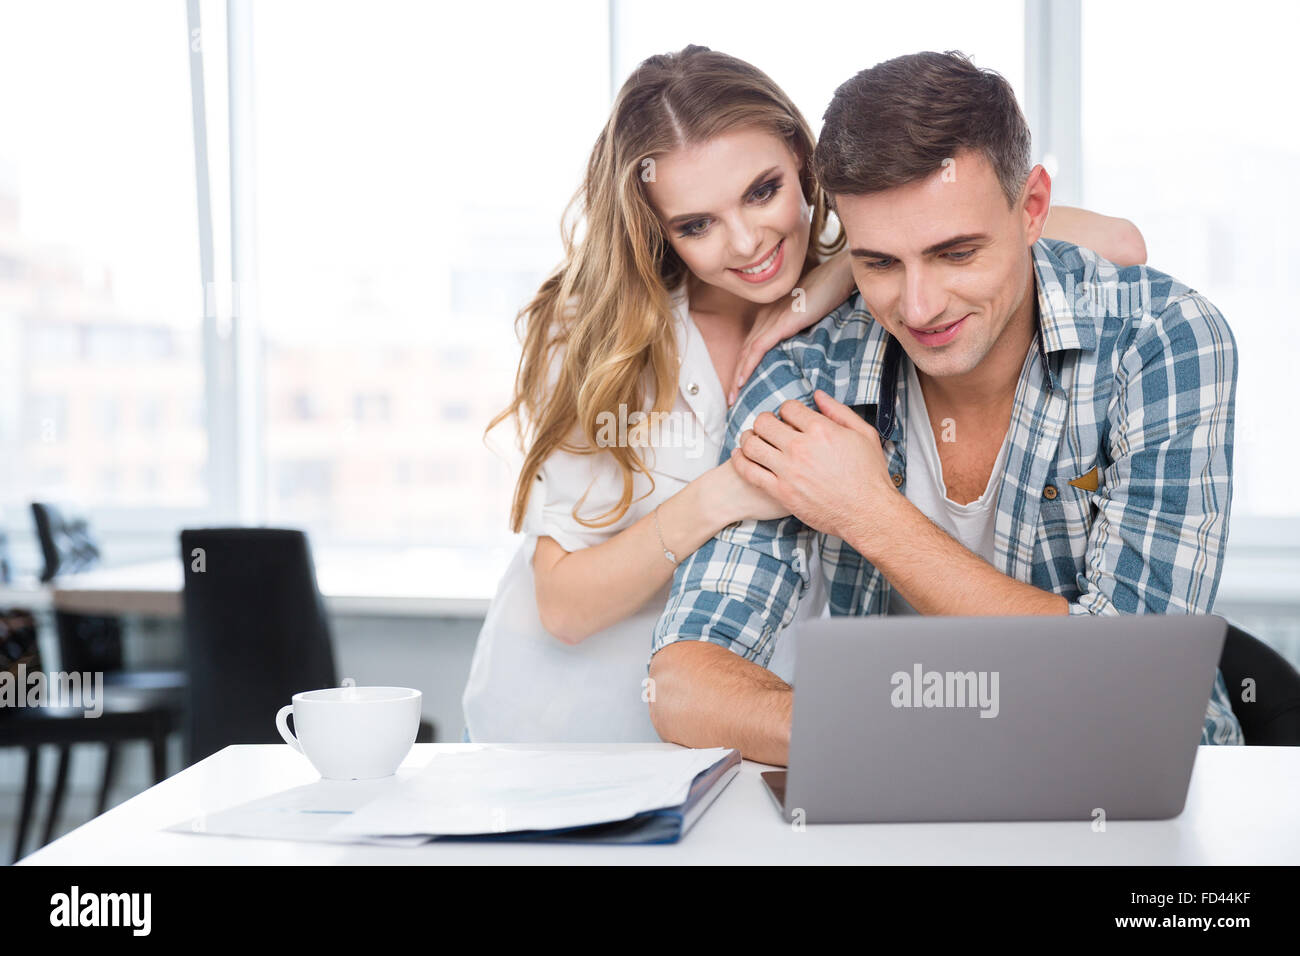 Glückliche schöne Paar mit Laptop sitzen zusammen am Tisch zu Hause Stockbild